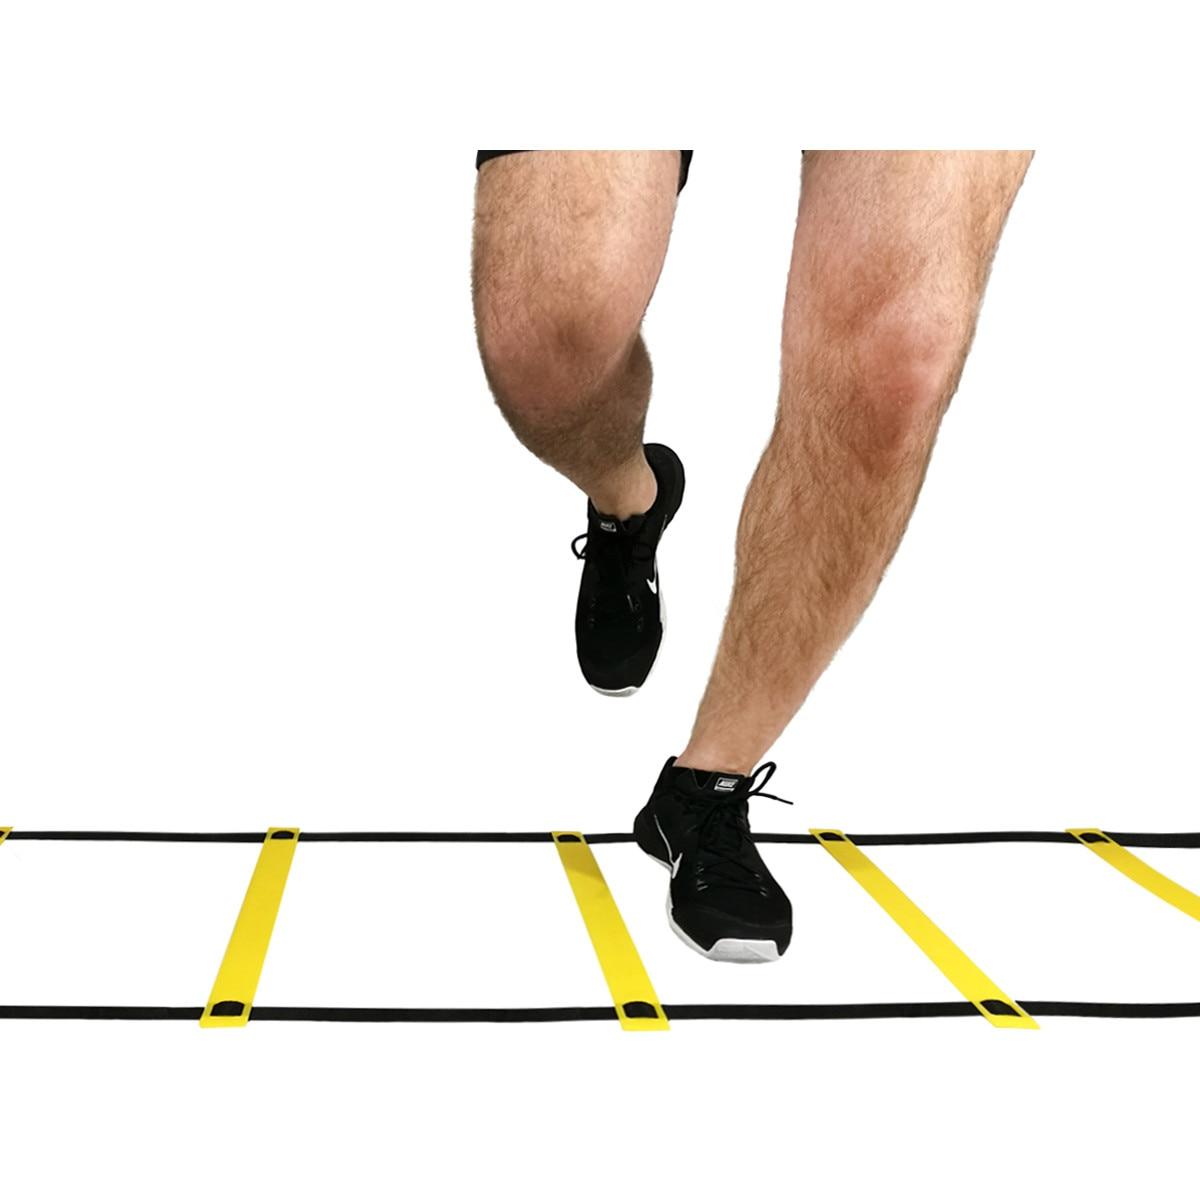 scara de agilitate pentru pierderea in greutate